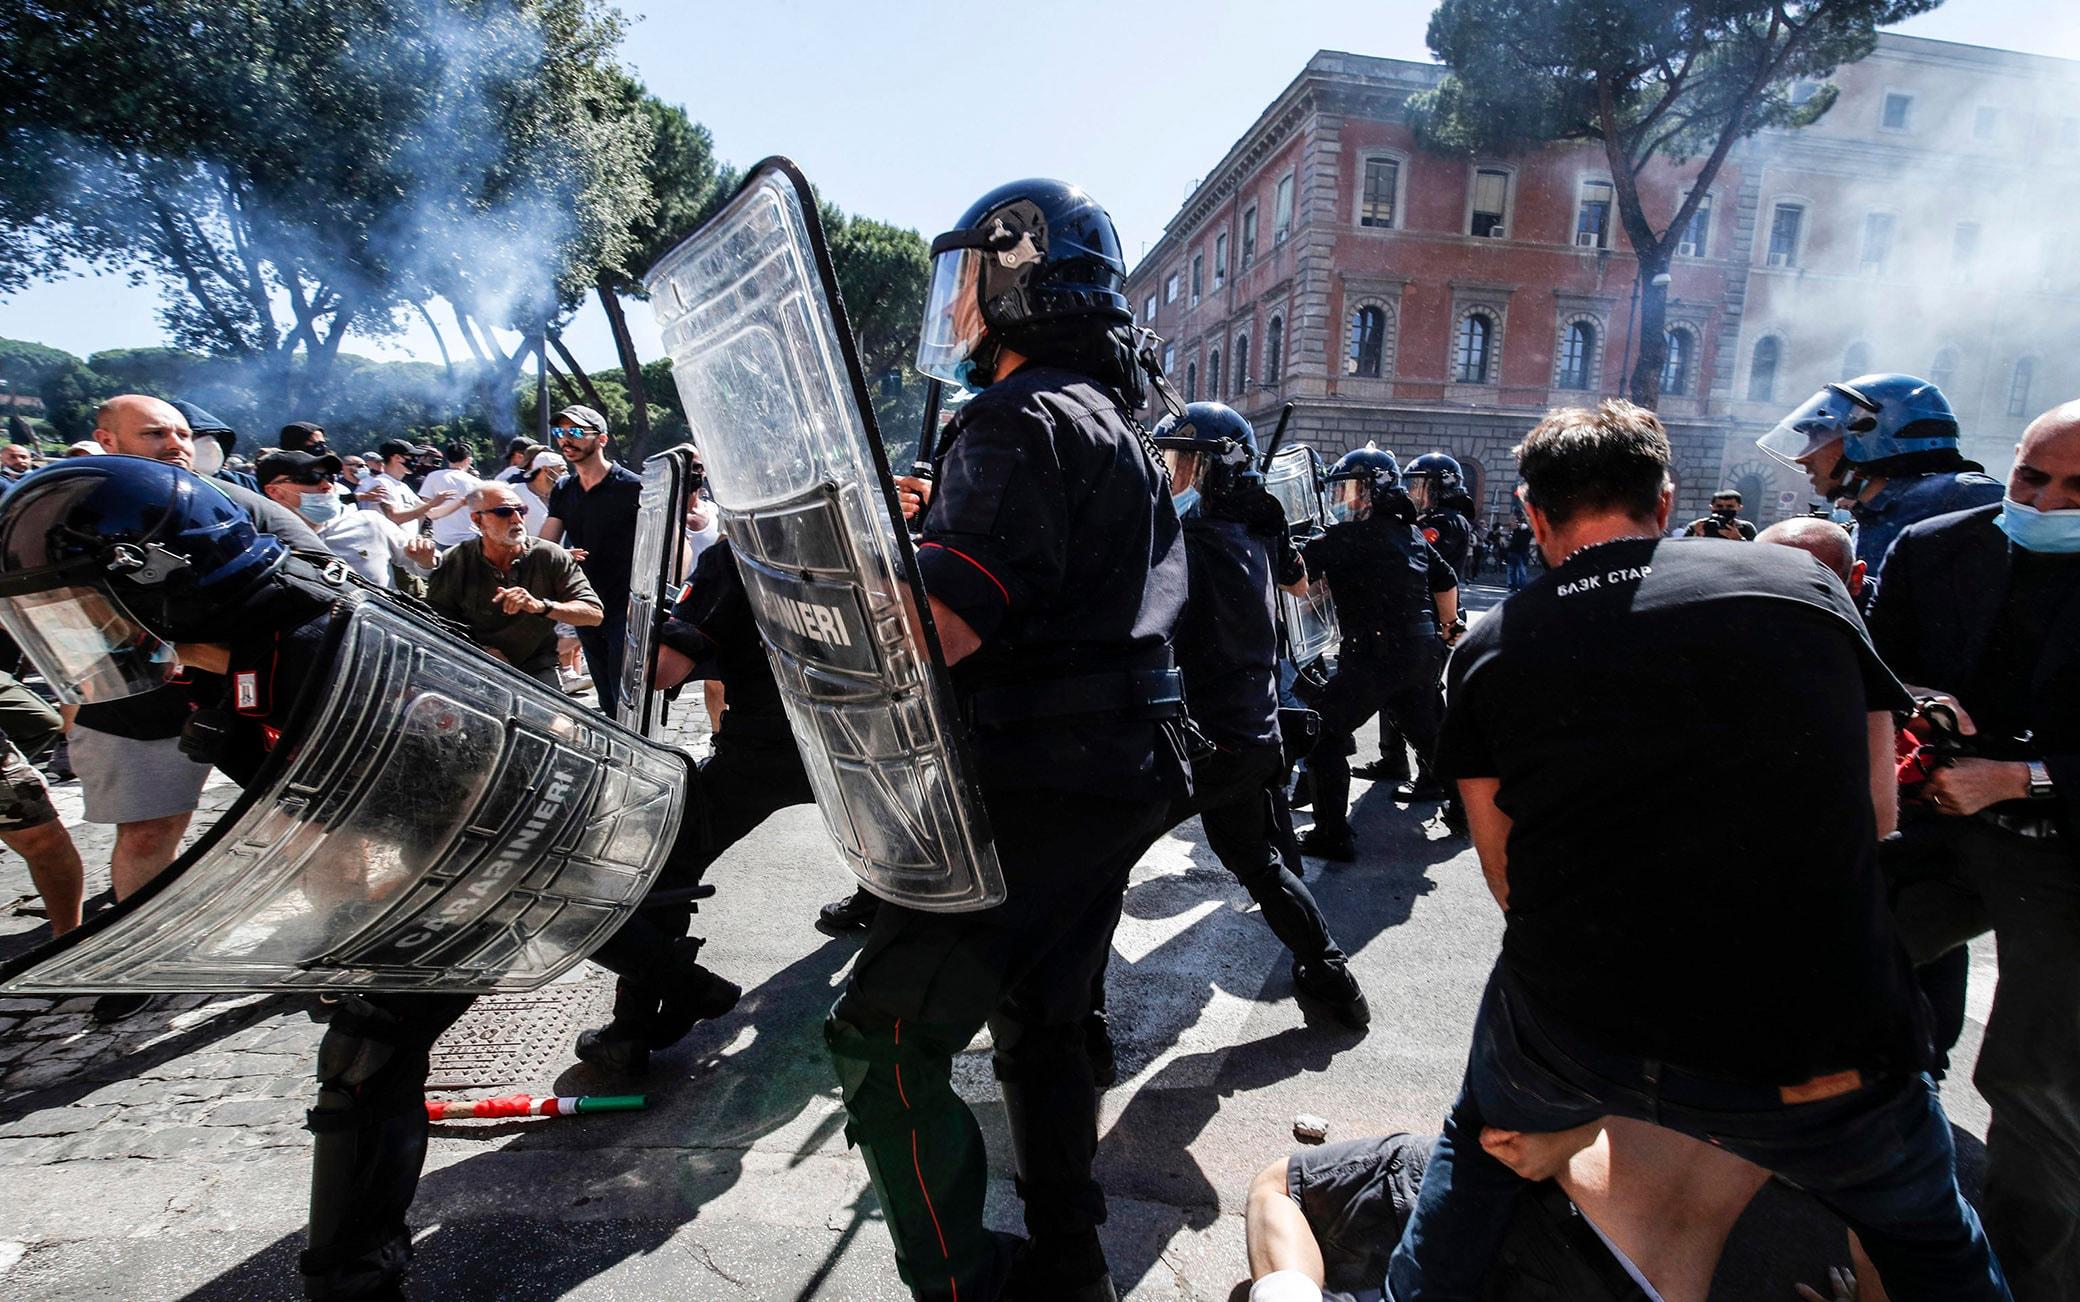 Momenti di tensione durante la manifestazione di Forza Nuova e gruppi di ultrà al Circo Massimo a Roma, 6 giugno 2020.  ANSA/GIUSEPPE LAMI